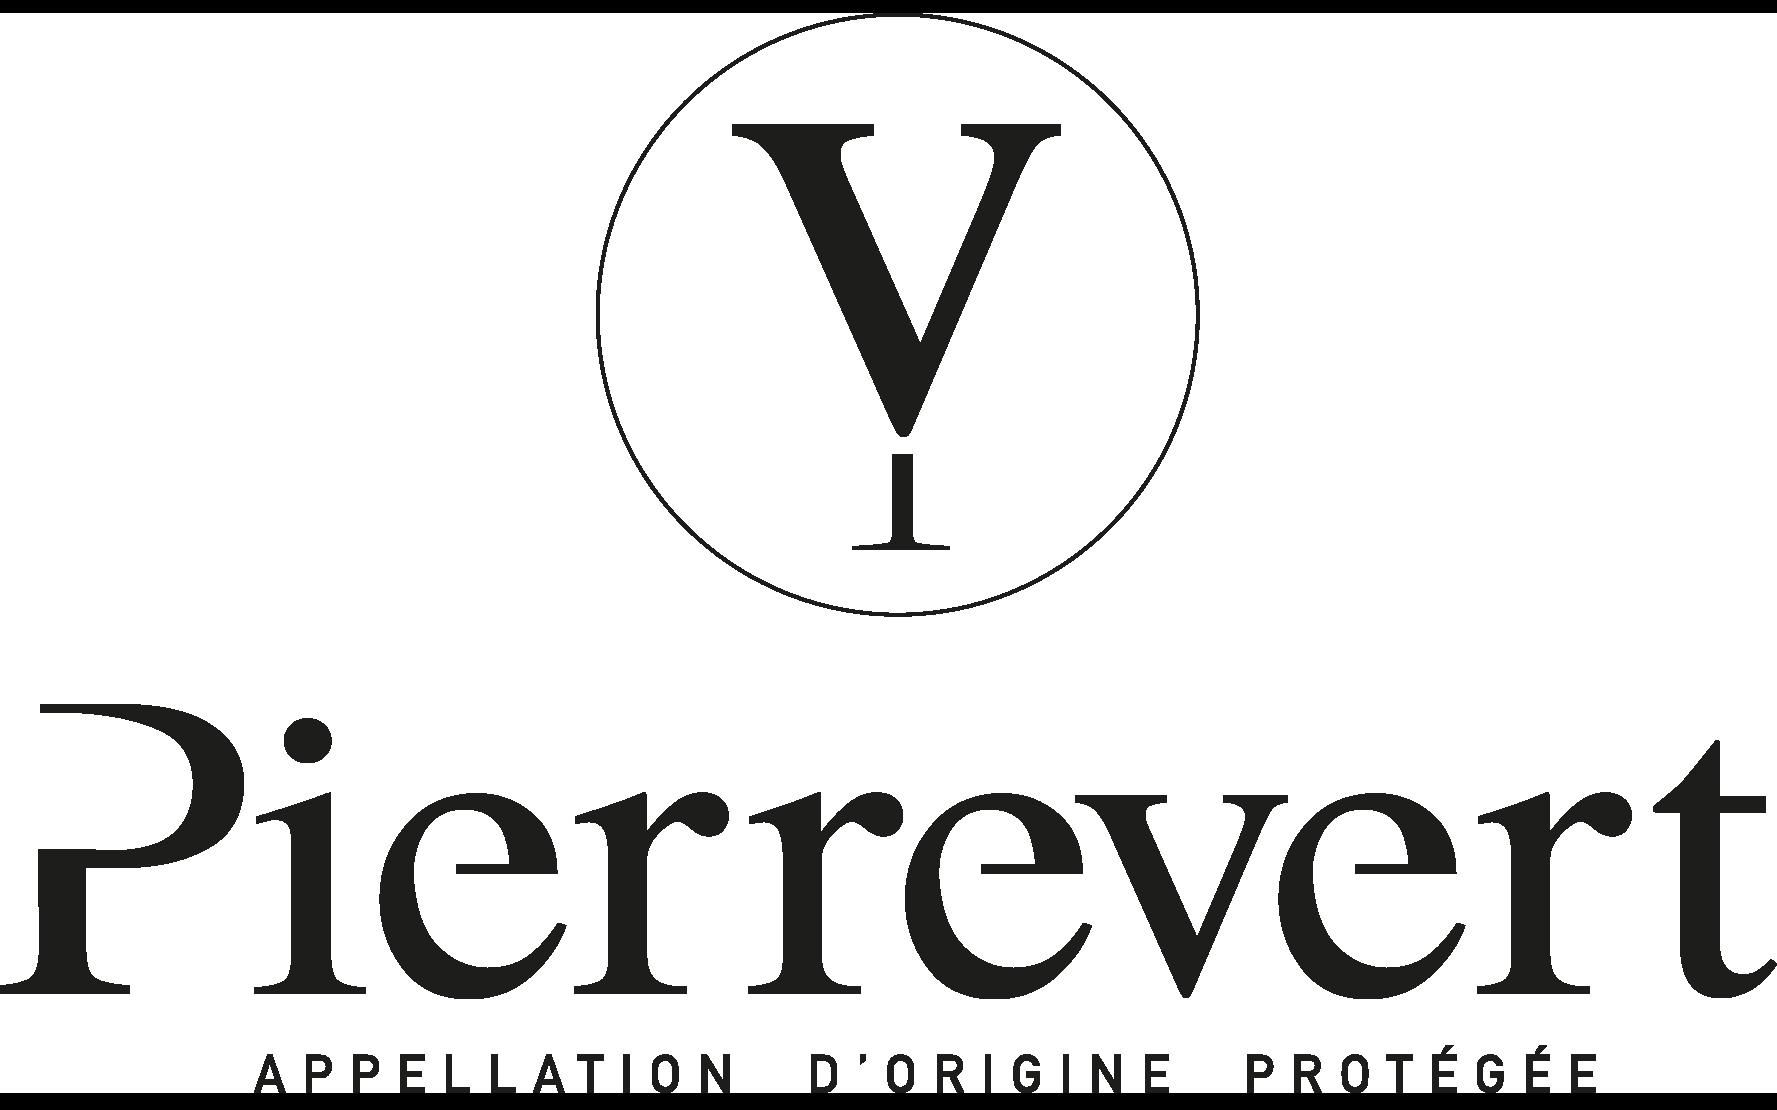 pierrevert_logo